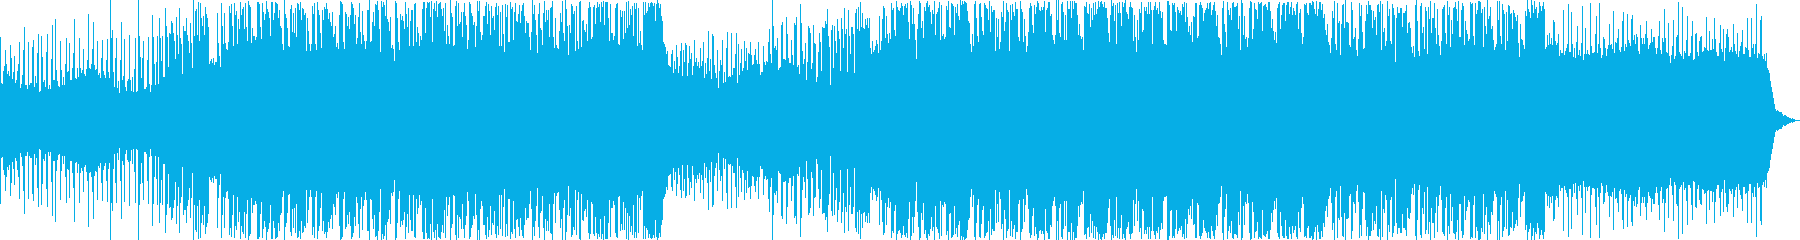 おしゃれで疾走感のあるドラムンベースの再生済みの波形